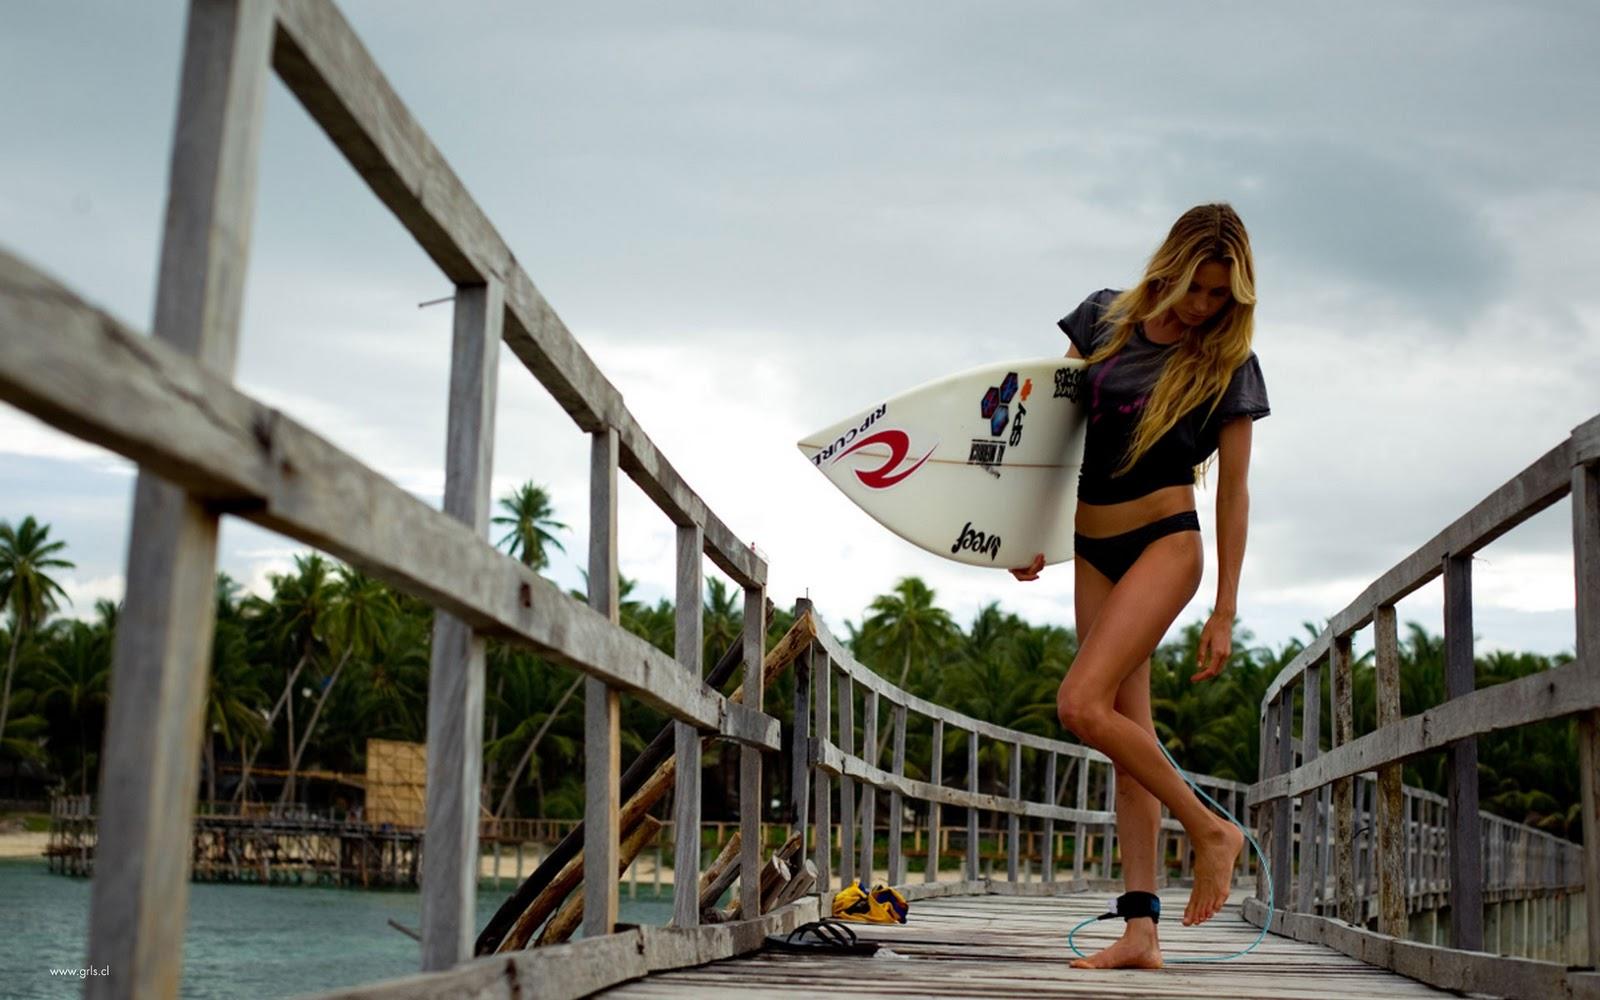 http://4.bp.blogspot.com/-ett8lNlZOZk/Trla6amDt4I/AAAAAAAACRs/uD8-iuTA1TQ/s1600/super-Surfer-Girl.jpg